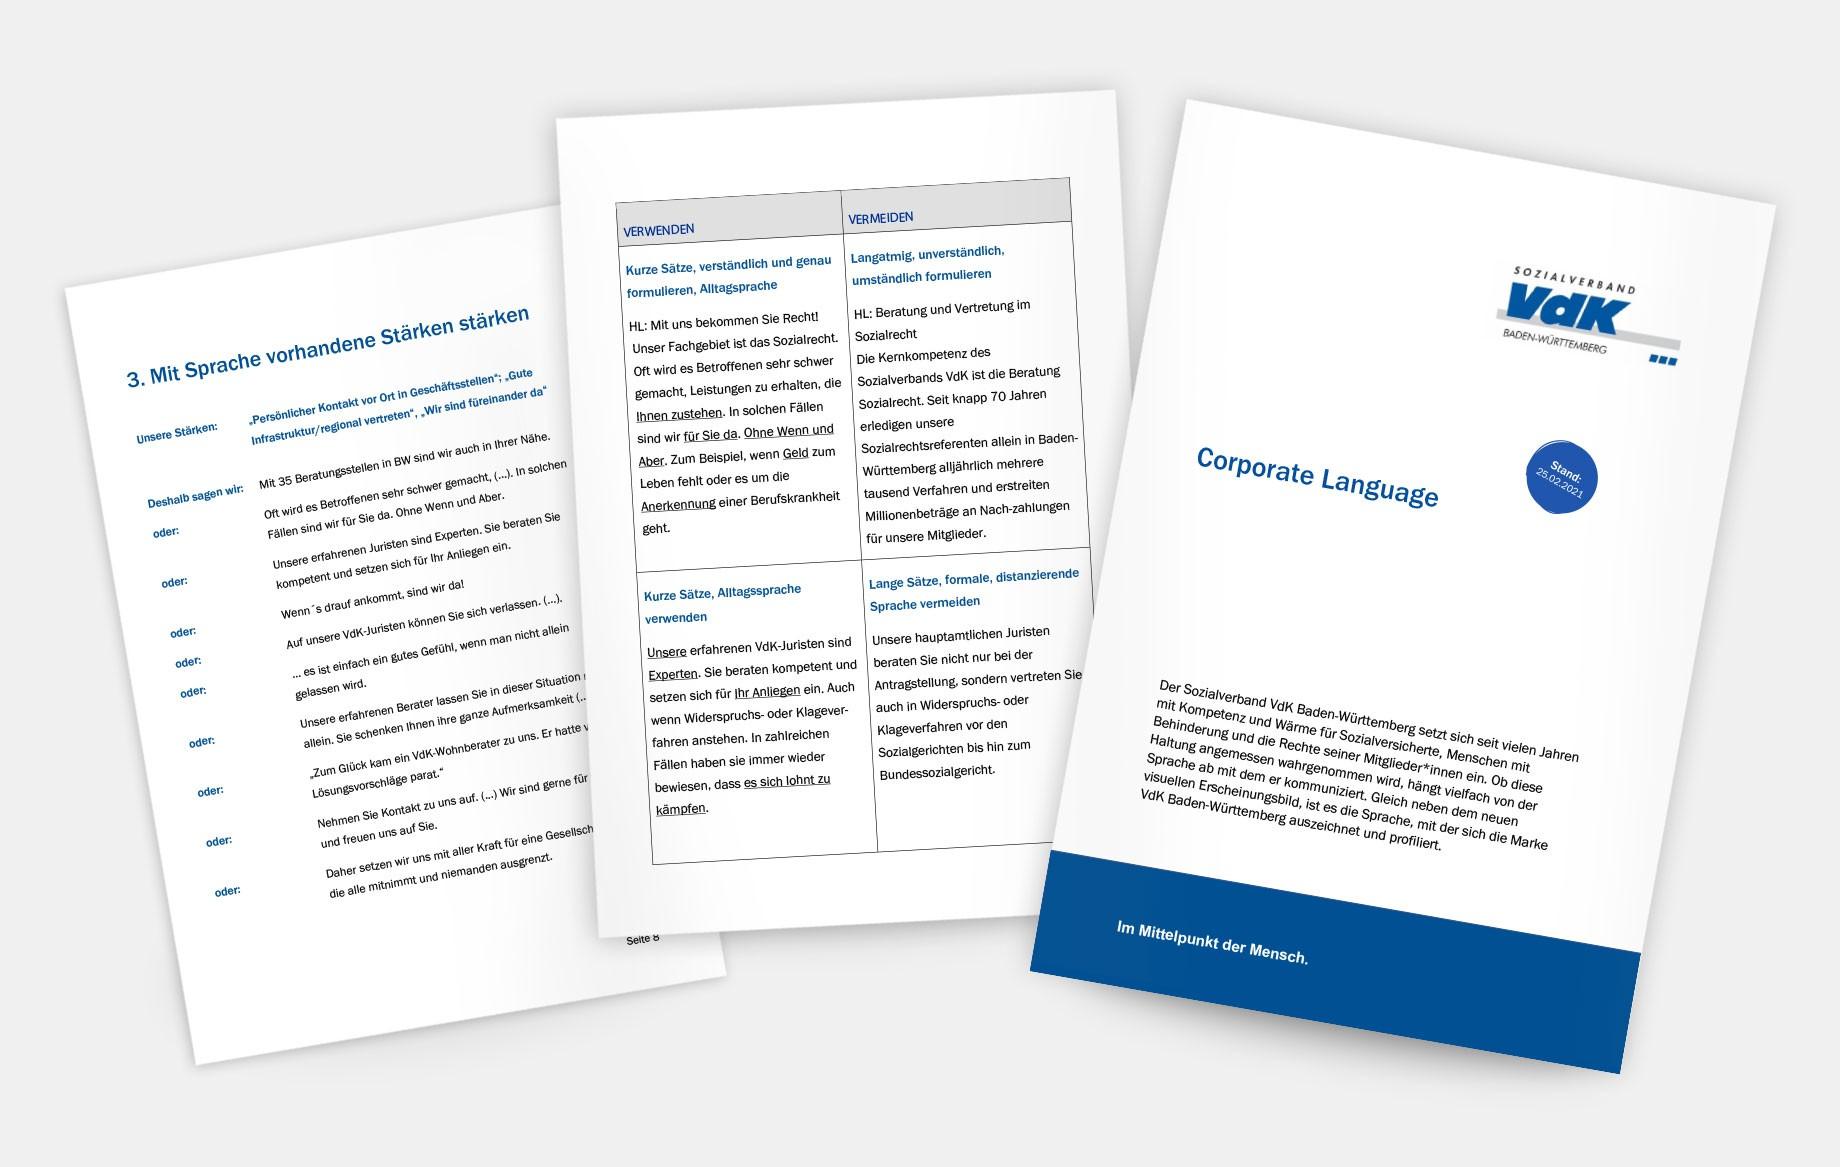 Die Sprachleitlinien der Corporate Language unterstützen die Mitarbeitenden der Öffentlichkeitsarbeit bei ihrer täglichen Arbeit. Leicht verständliche Texte und die klare Gestaltung ermöglichen der Zielgruppe einen niedrigschwelligen Zugang und animieren zum Lesen.